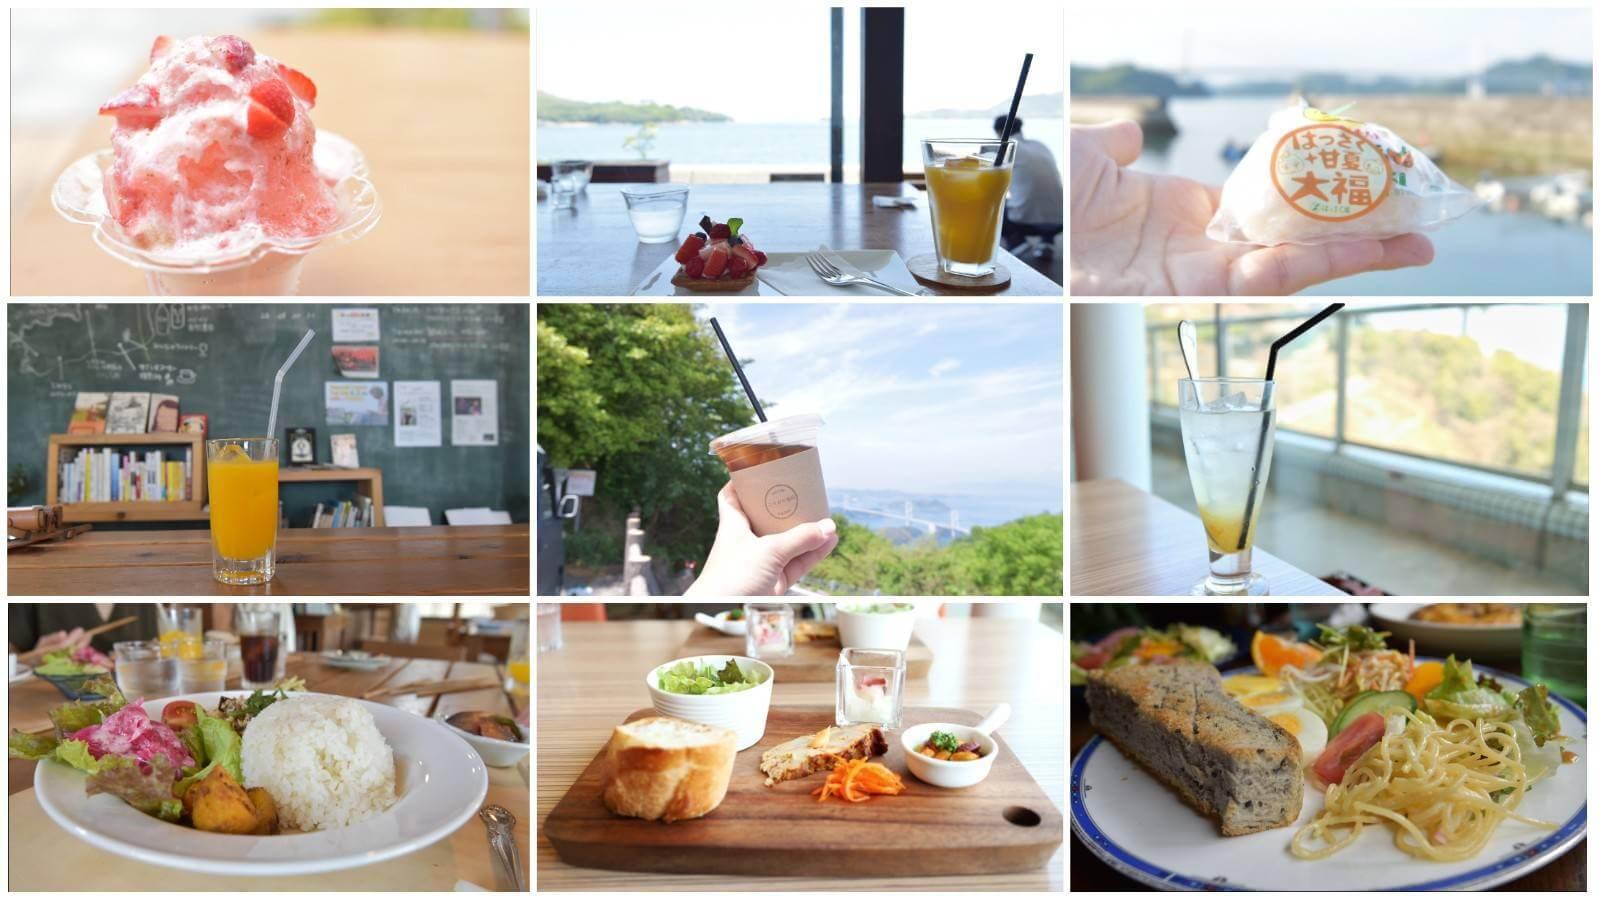 【しまなみ海道のカフェ】おしゃれなランチ・カフェ16選!子連れOKなカフェあり